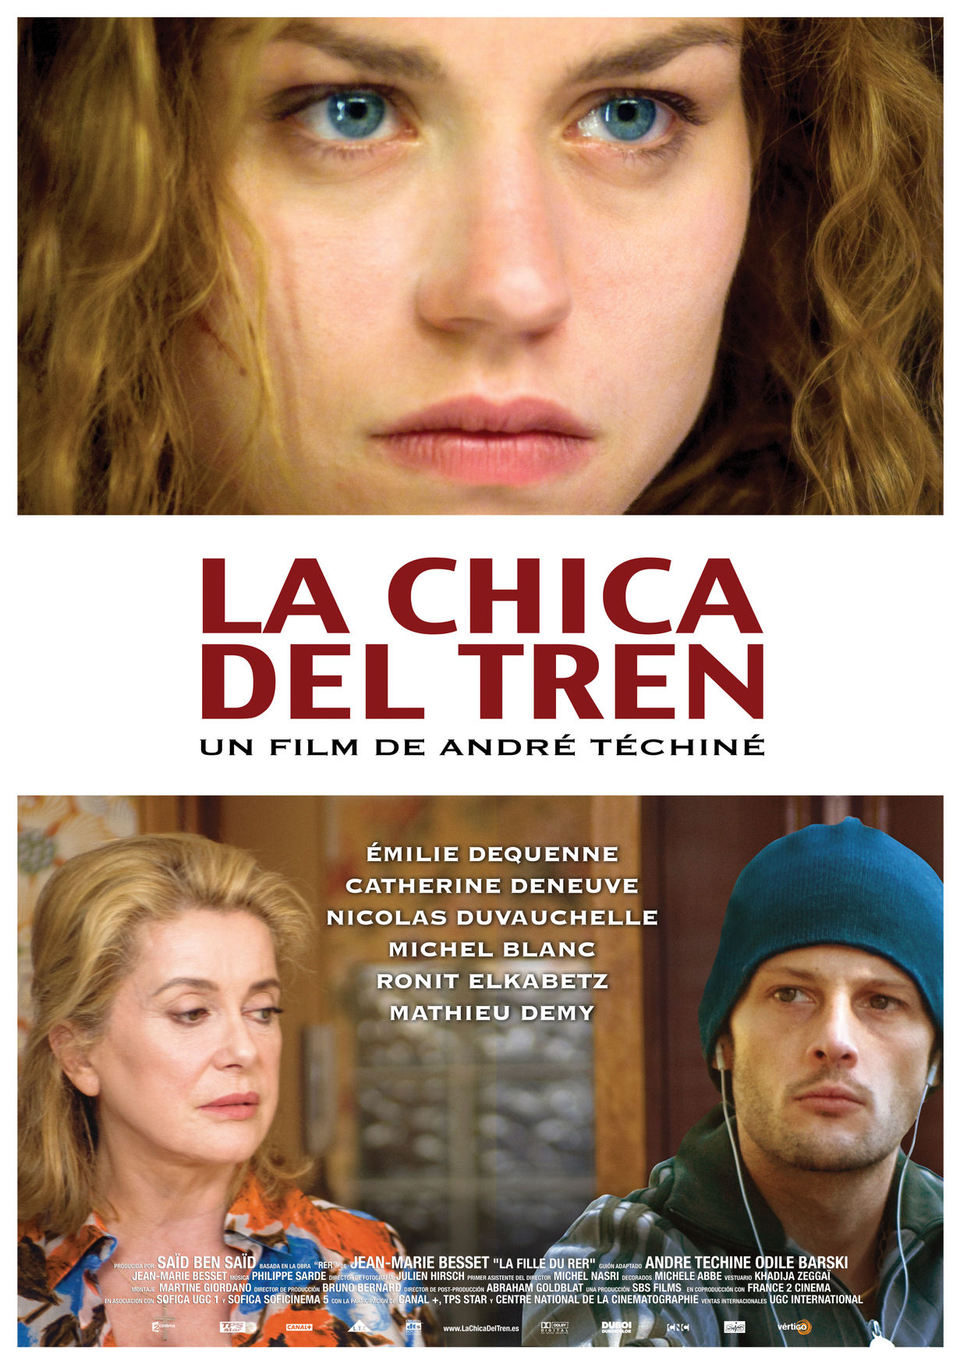 Cartel España de 'La chica del tren'